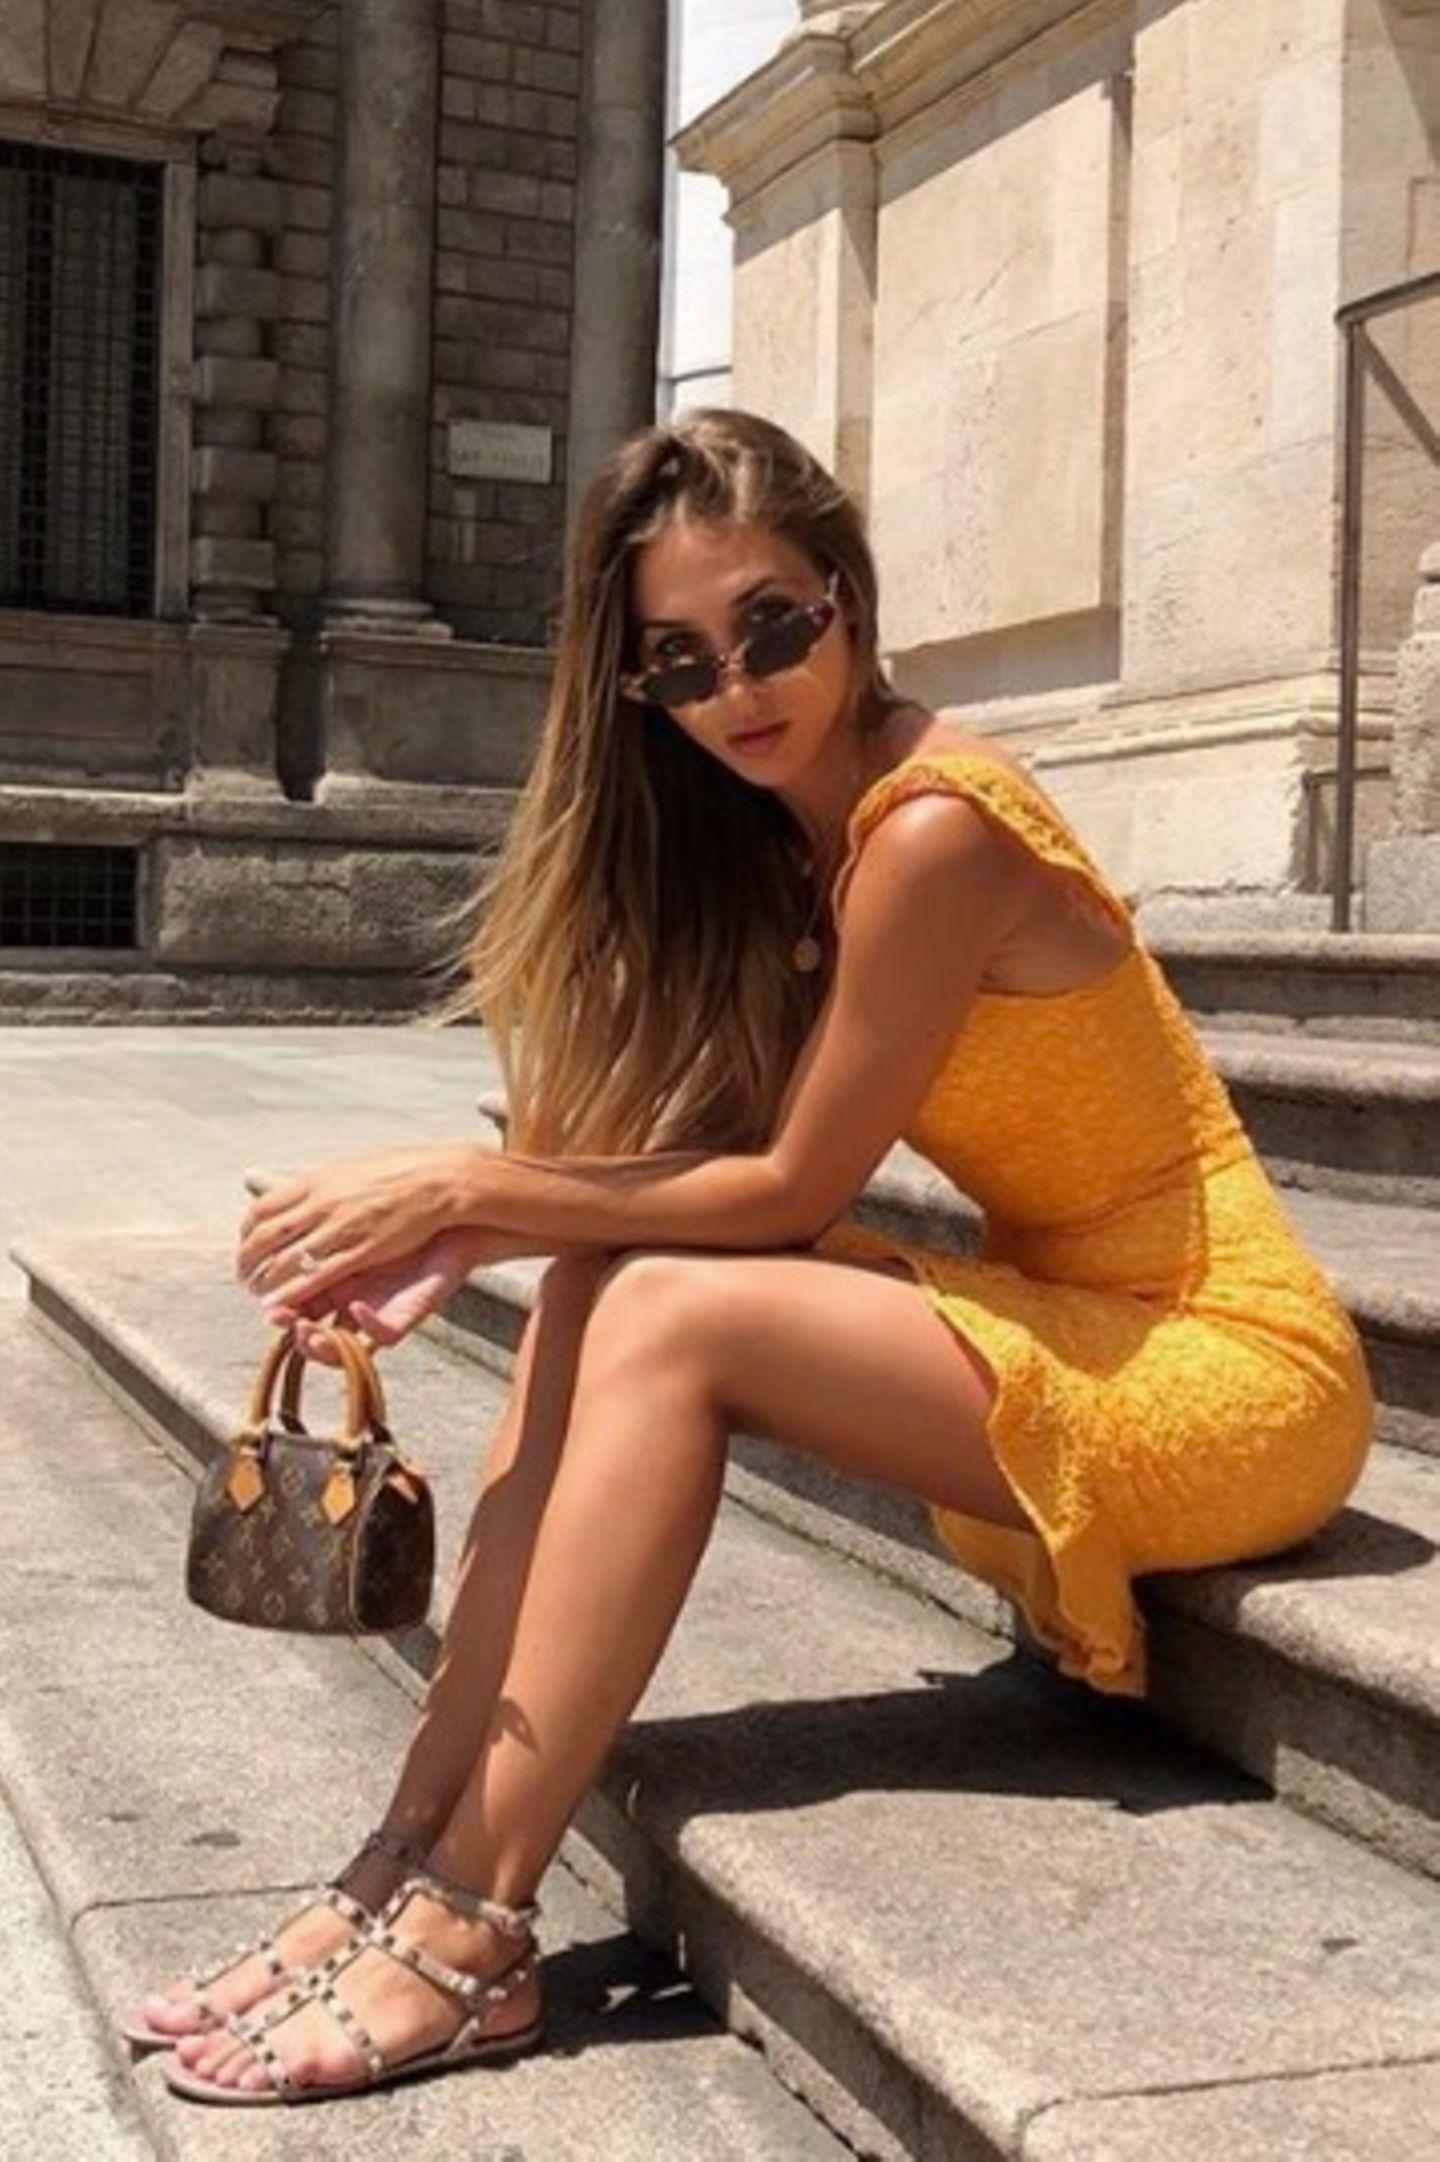 Ann-Kathrin Götze hat ein Händchen für Trends - und zwar im wahrsten Sinne des Wortes. Sie hält hier die It-Tasche des Sommers, nämlich die Nano Speedy von Louis Vuitton, die durch ihre winzige Größe einfach sehr süß ist.